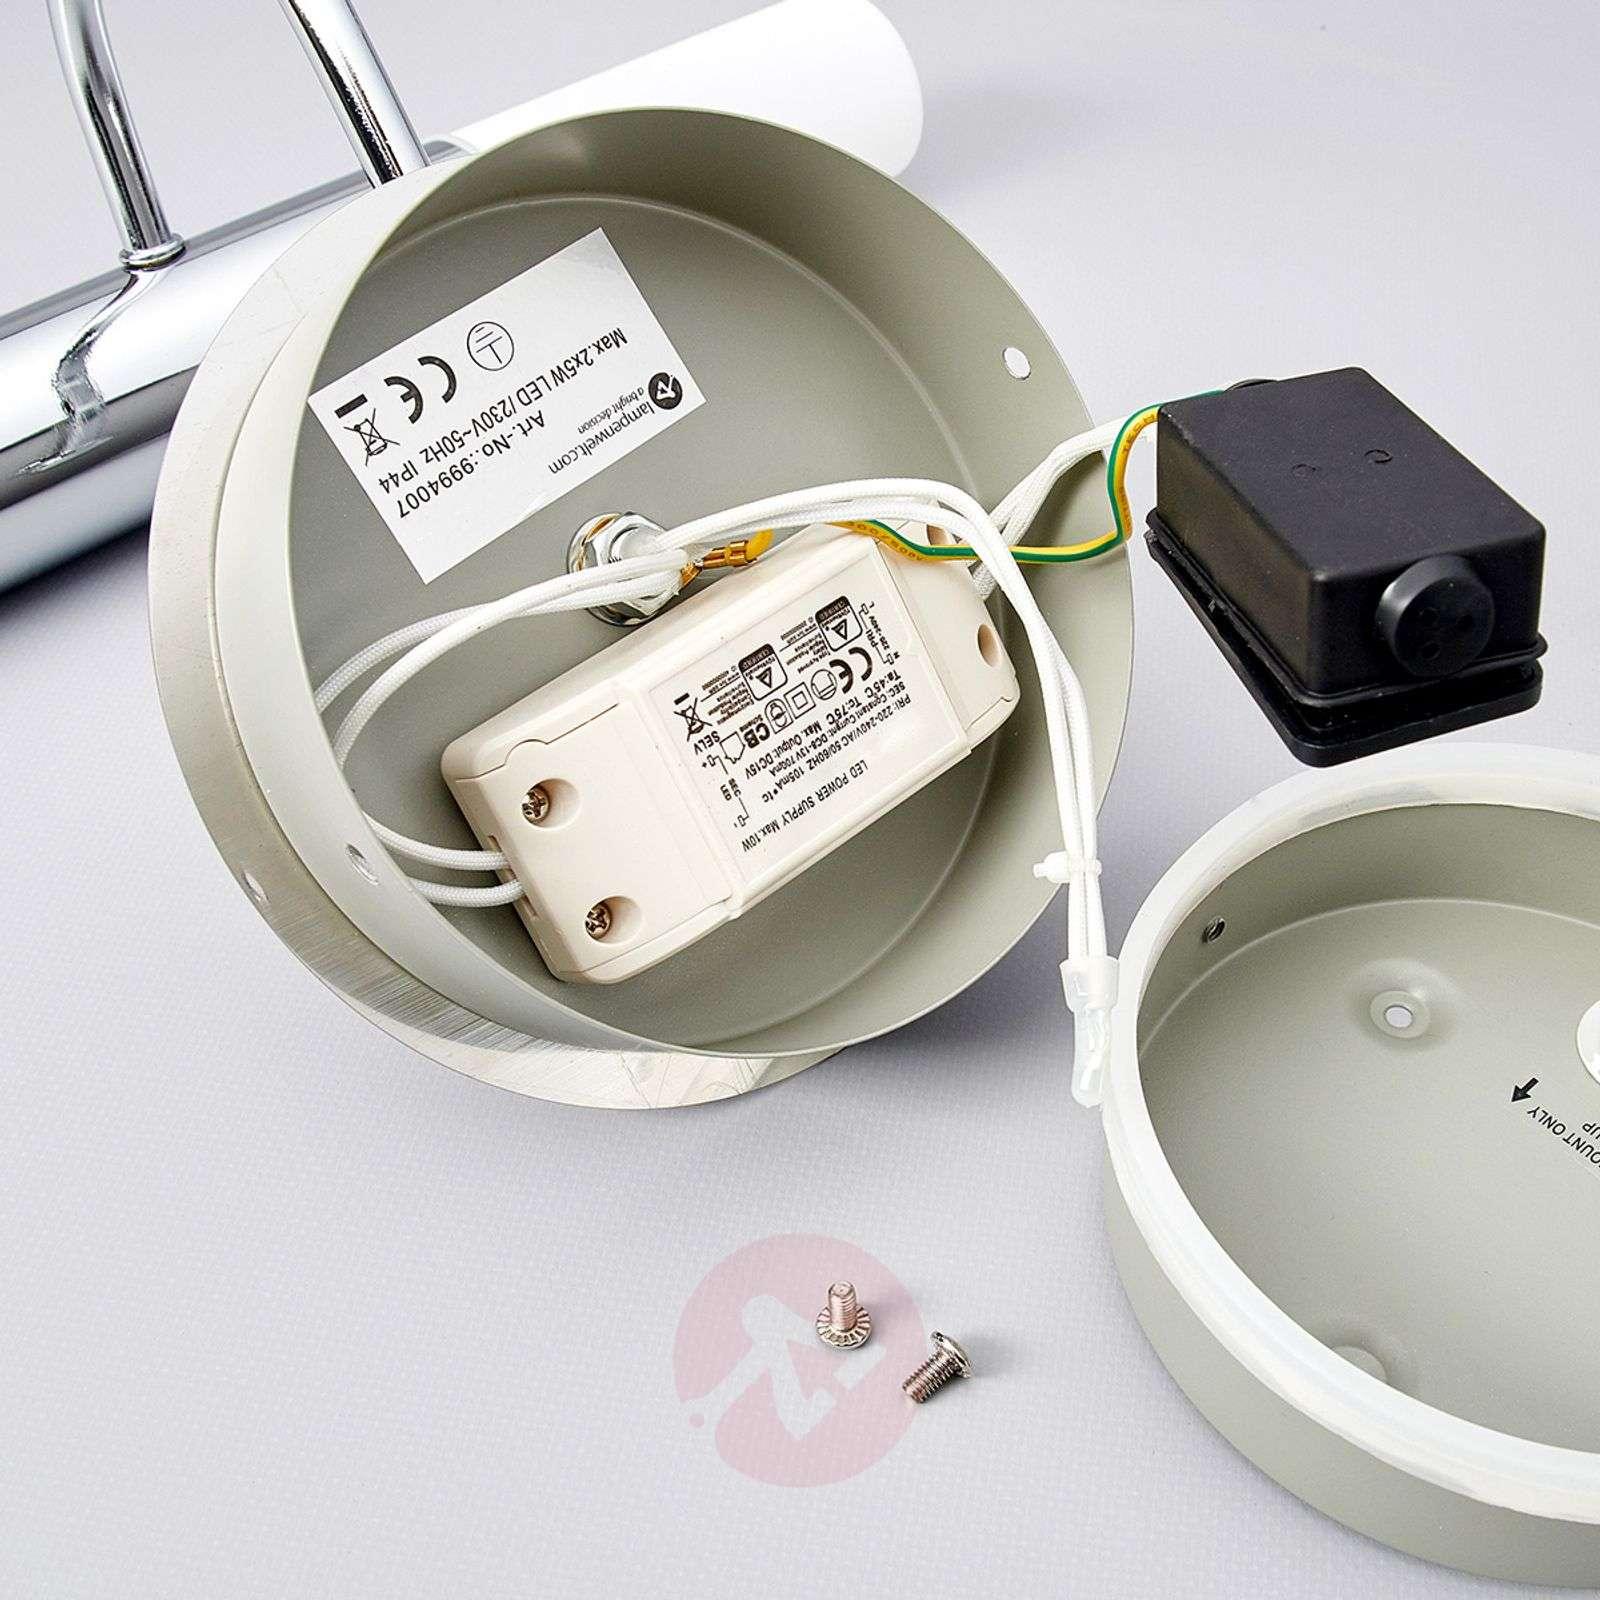 Kaareva Benaja-seinävalaisin LED kylpyhuoneeseen-9994007-01